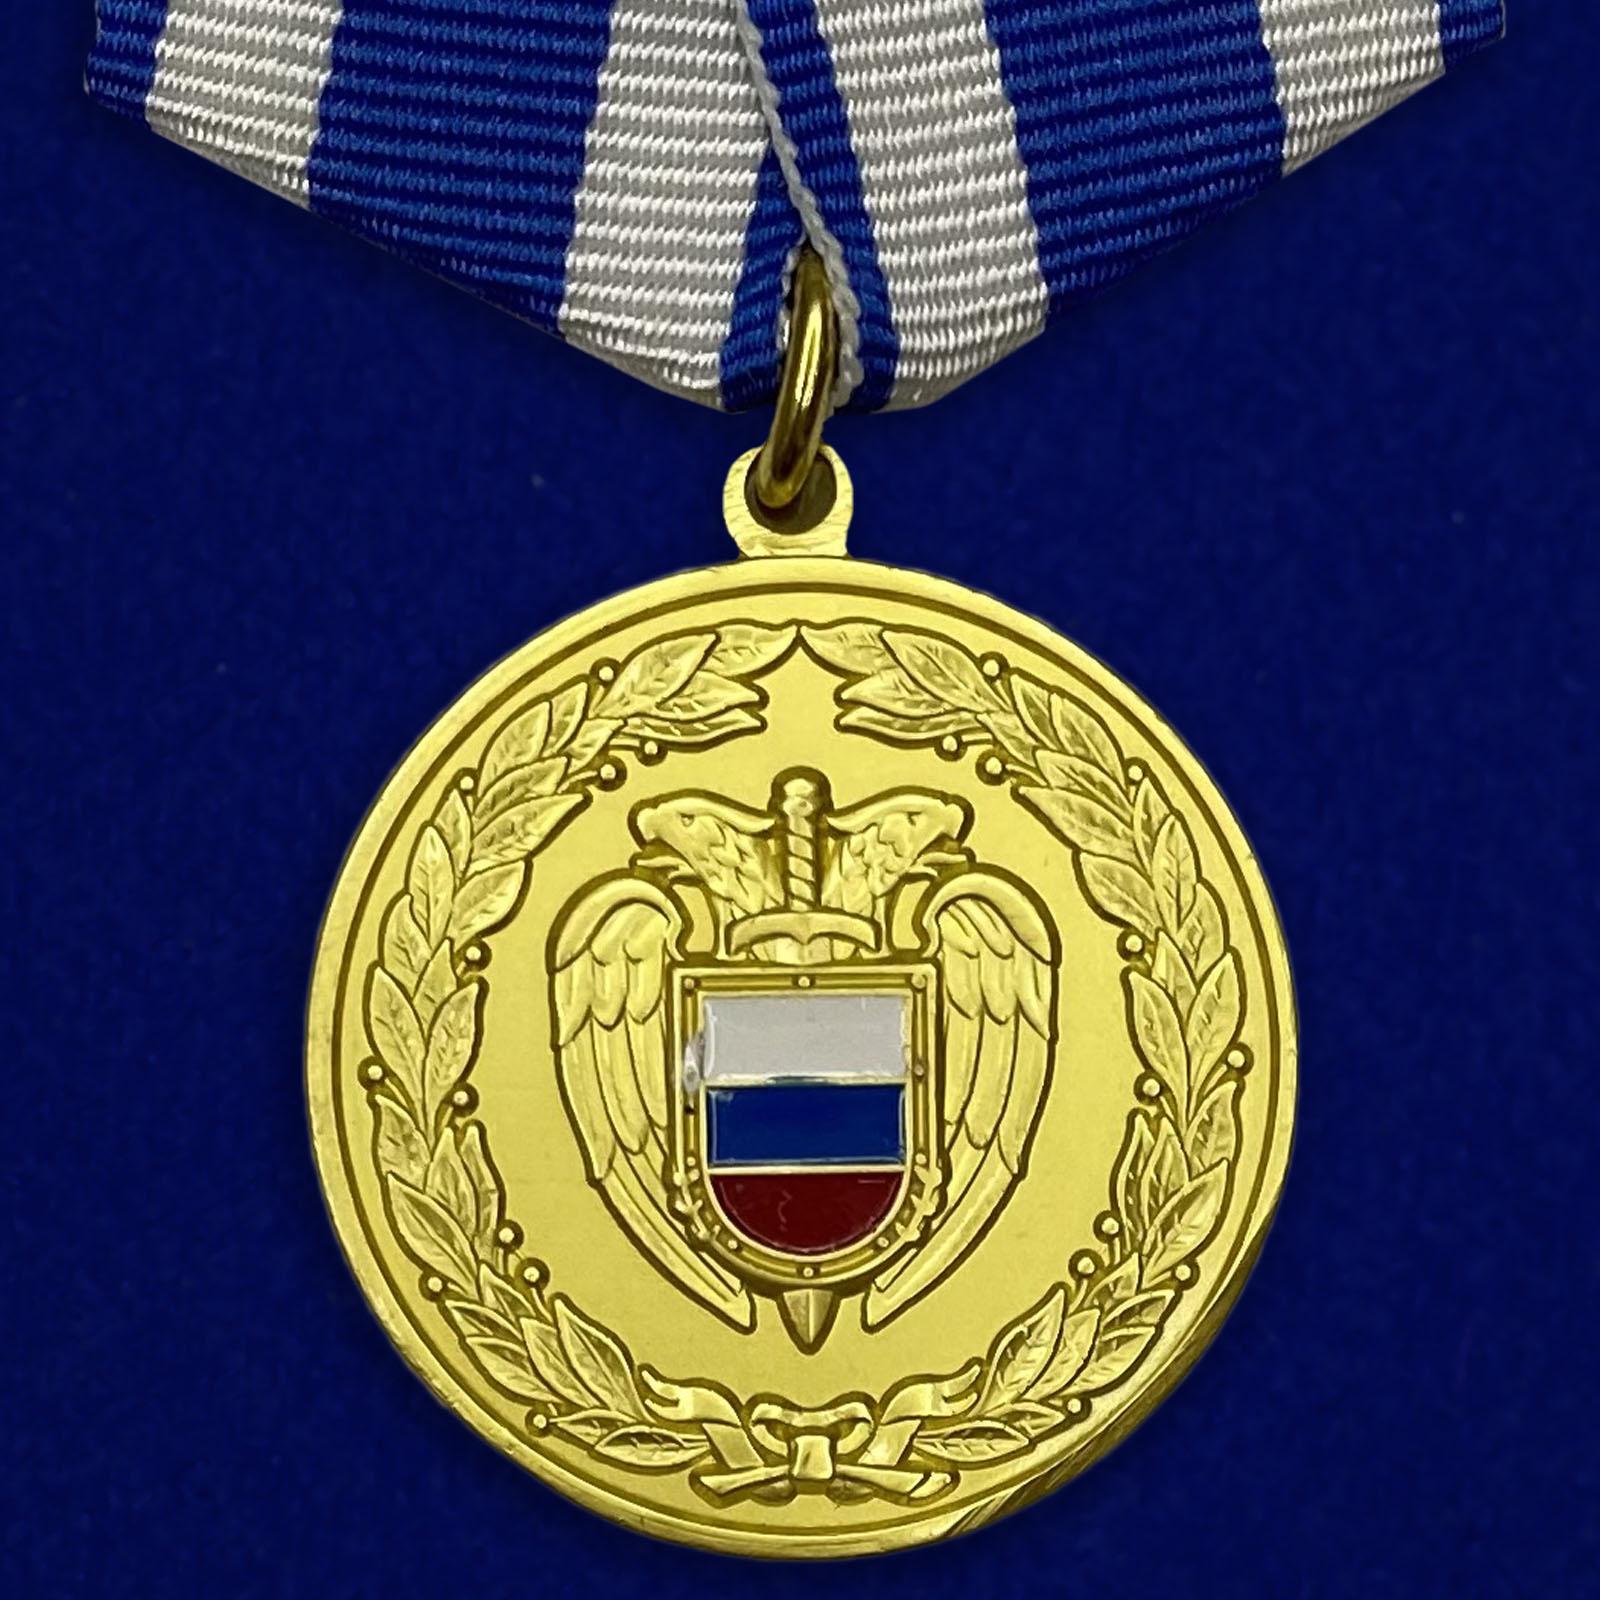 Купить медаль За боевое содружество ФСО РФ на подставке с доставкой